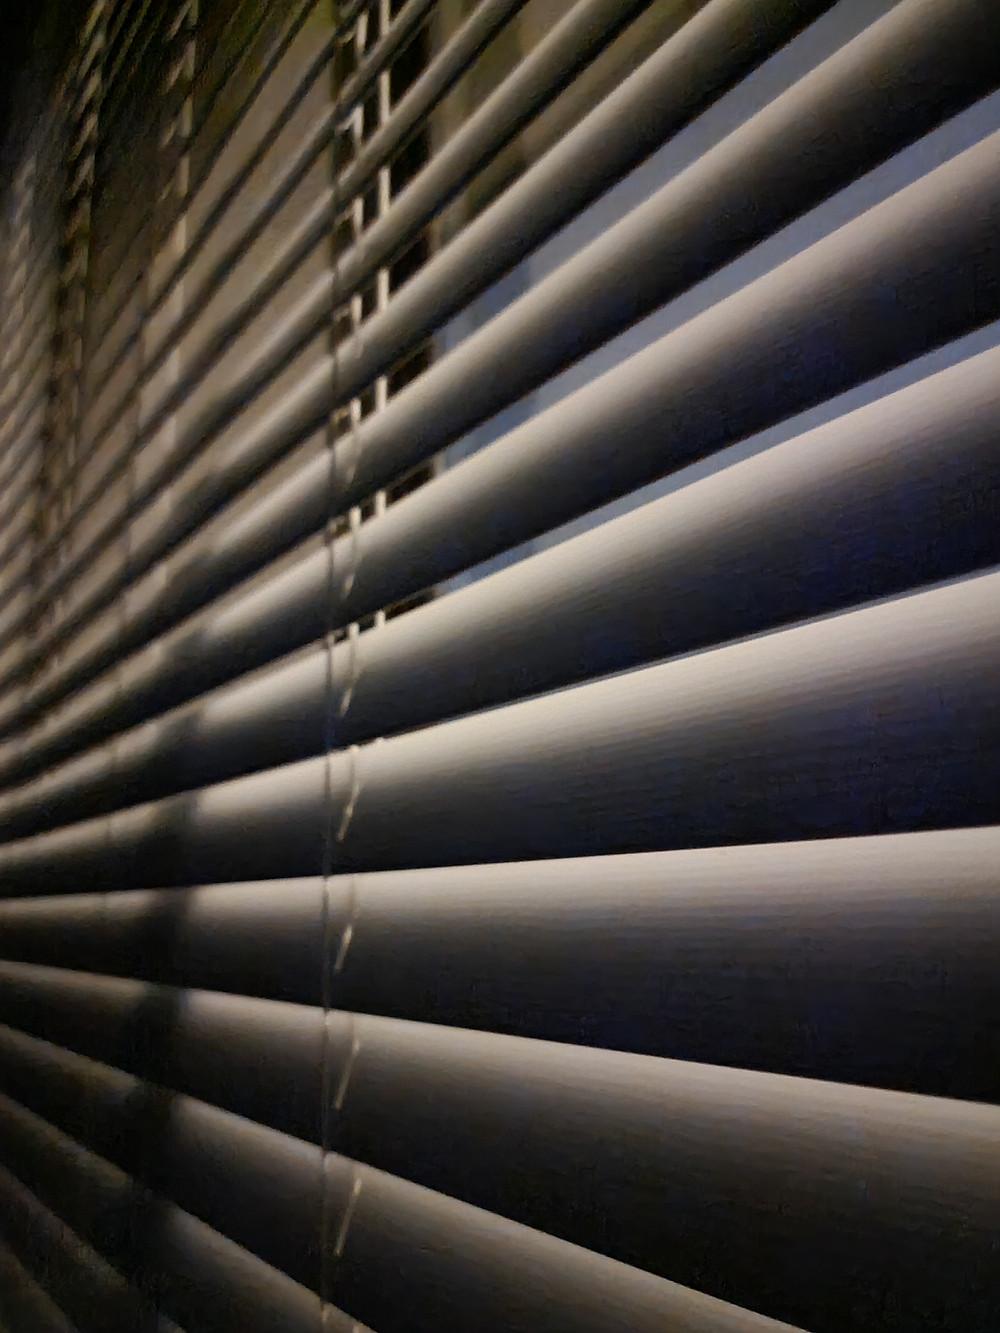 Horizontal Blinds at Night